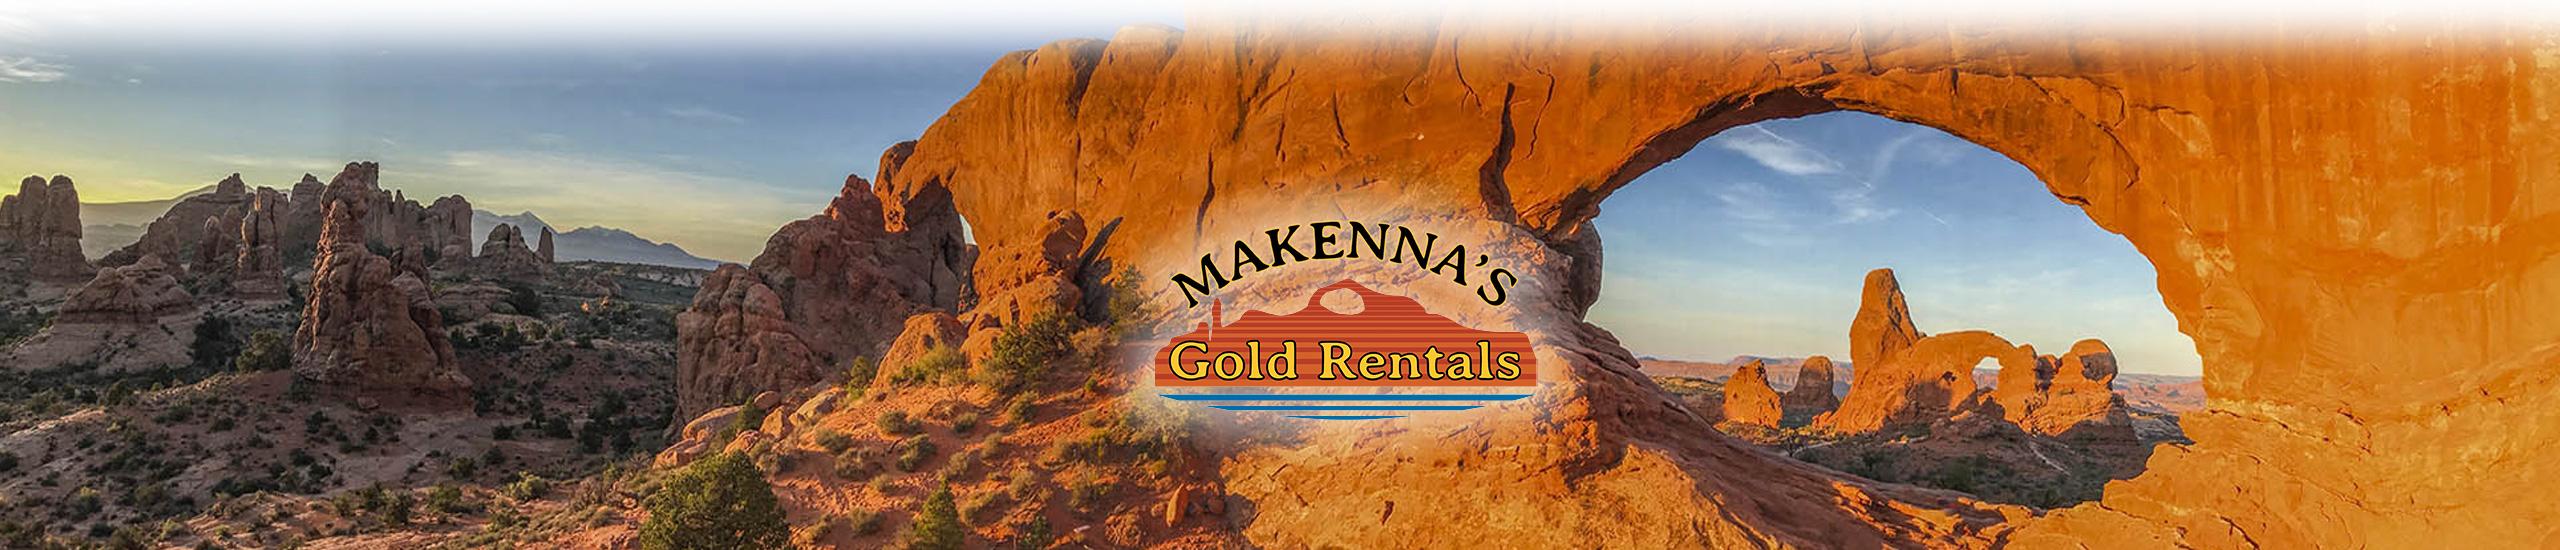 Makenna's Gold Rentals